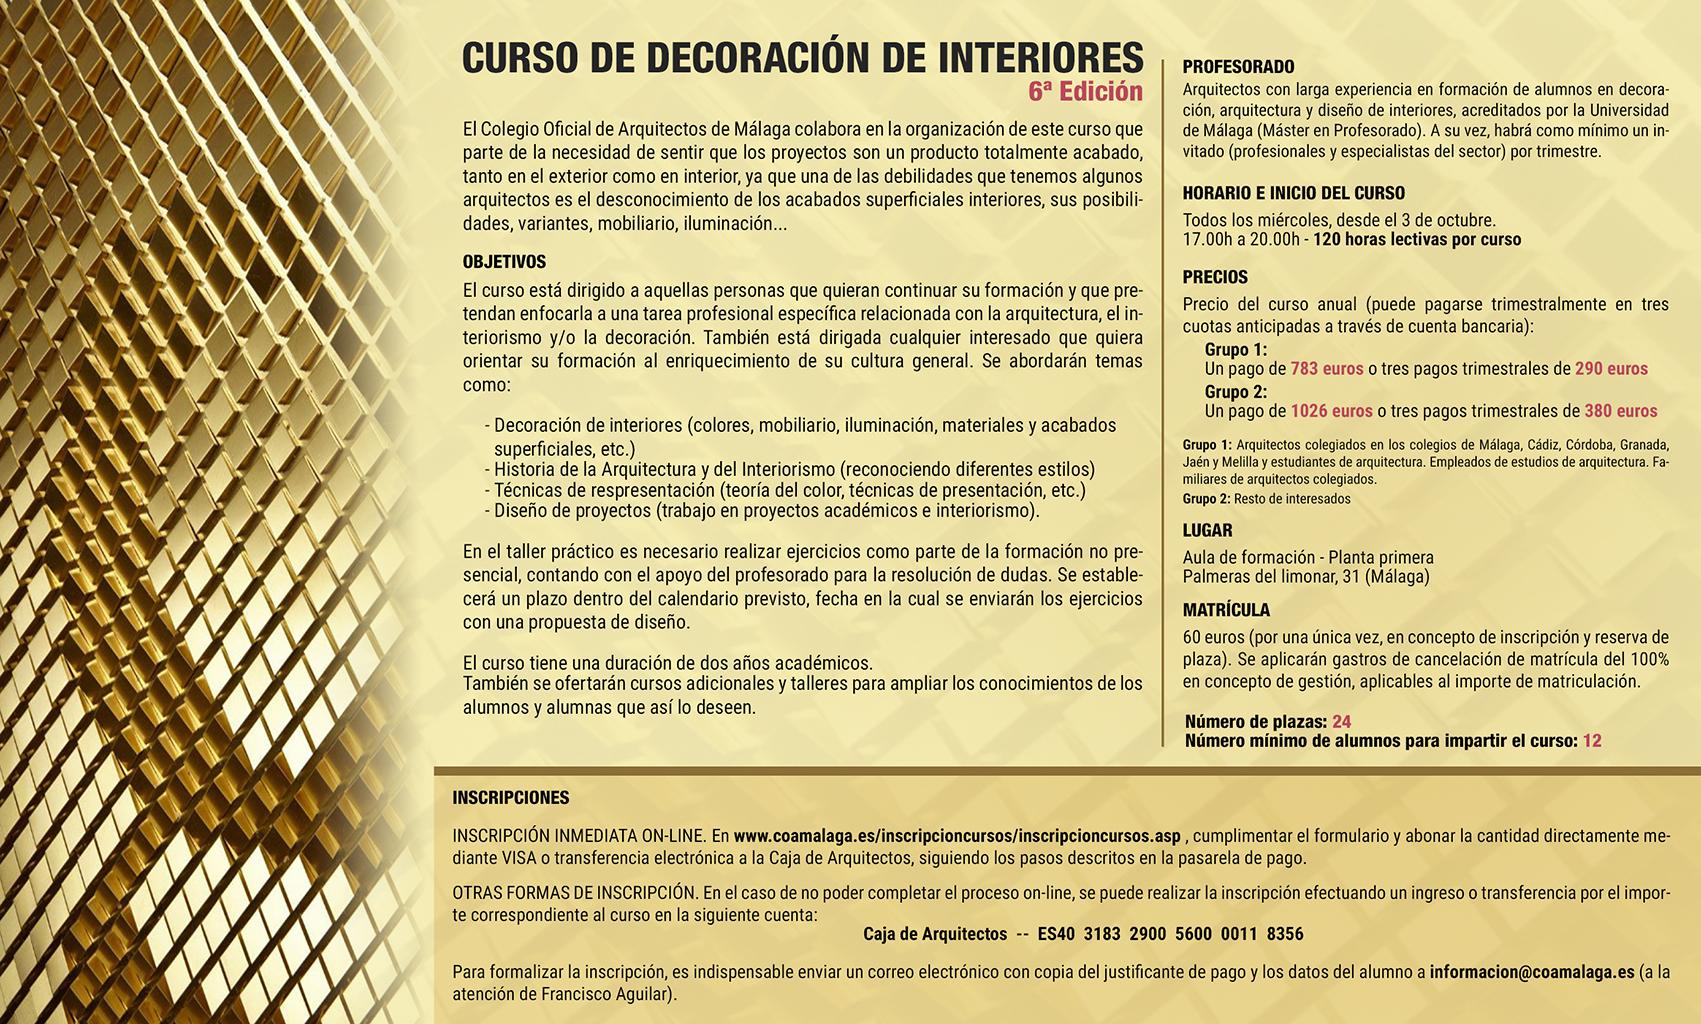 Curso Decoración De Interiores 6ª Edición Colegio